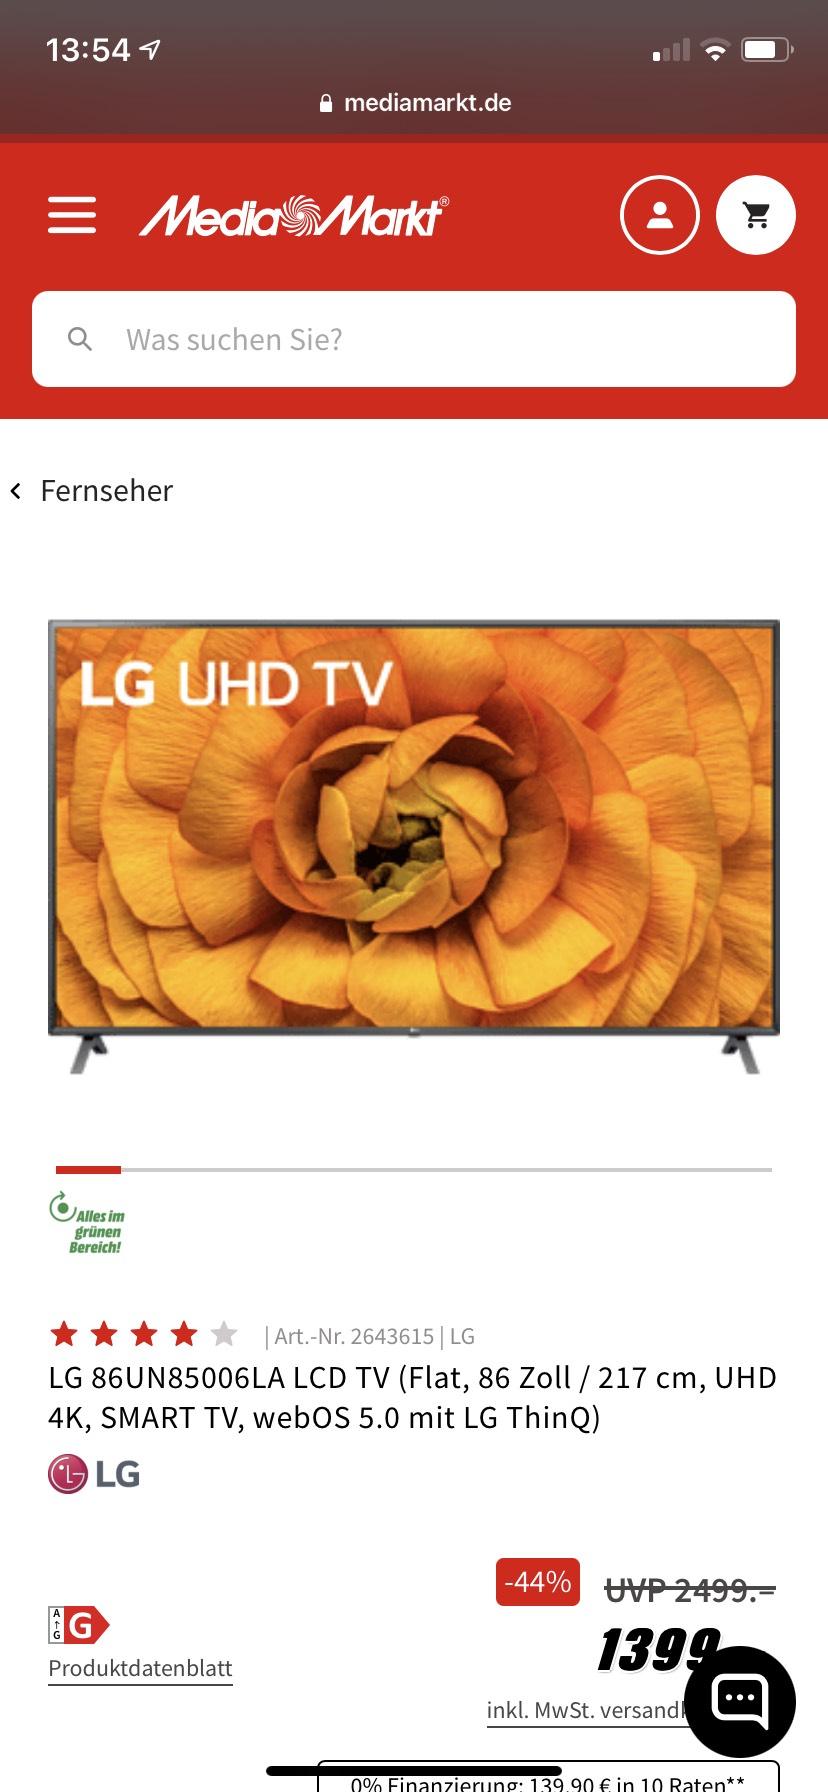 LG 86UN85006LA LCD TV bei MediaMarkt und Amazon